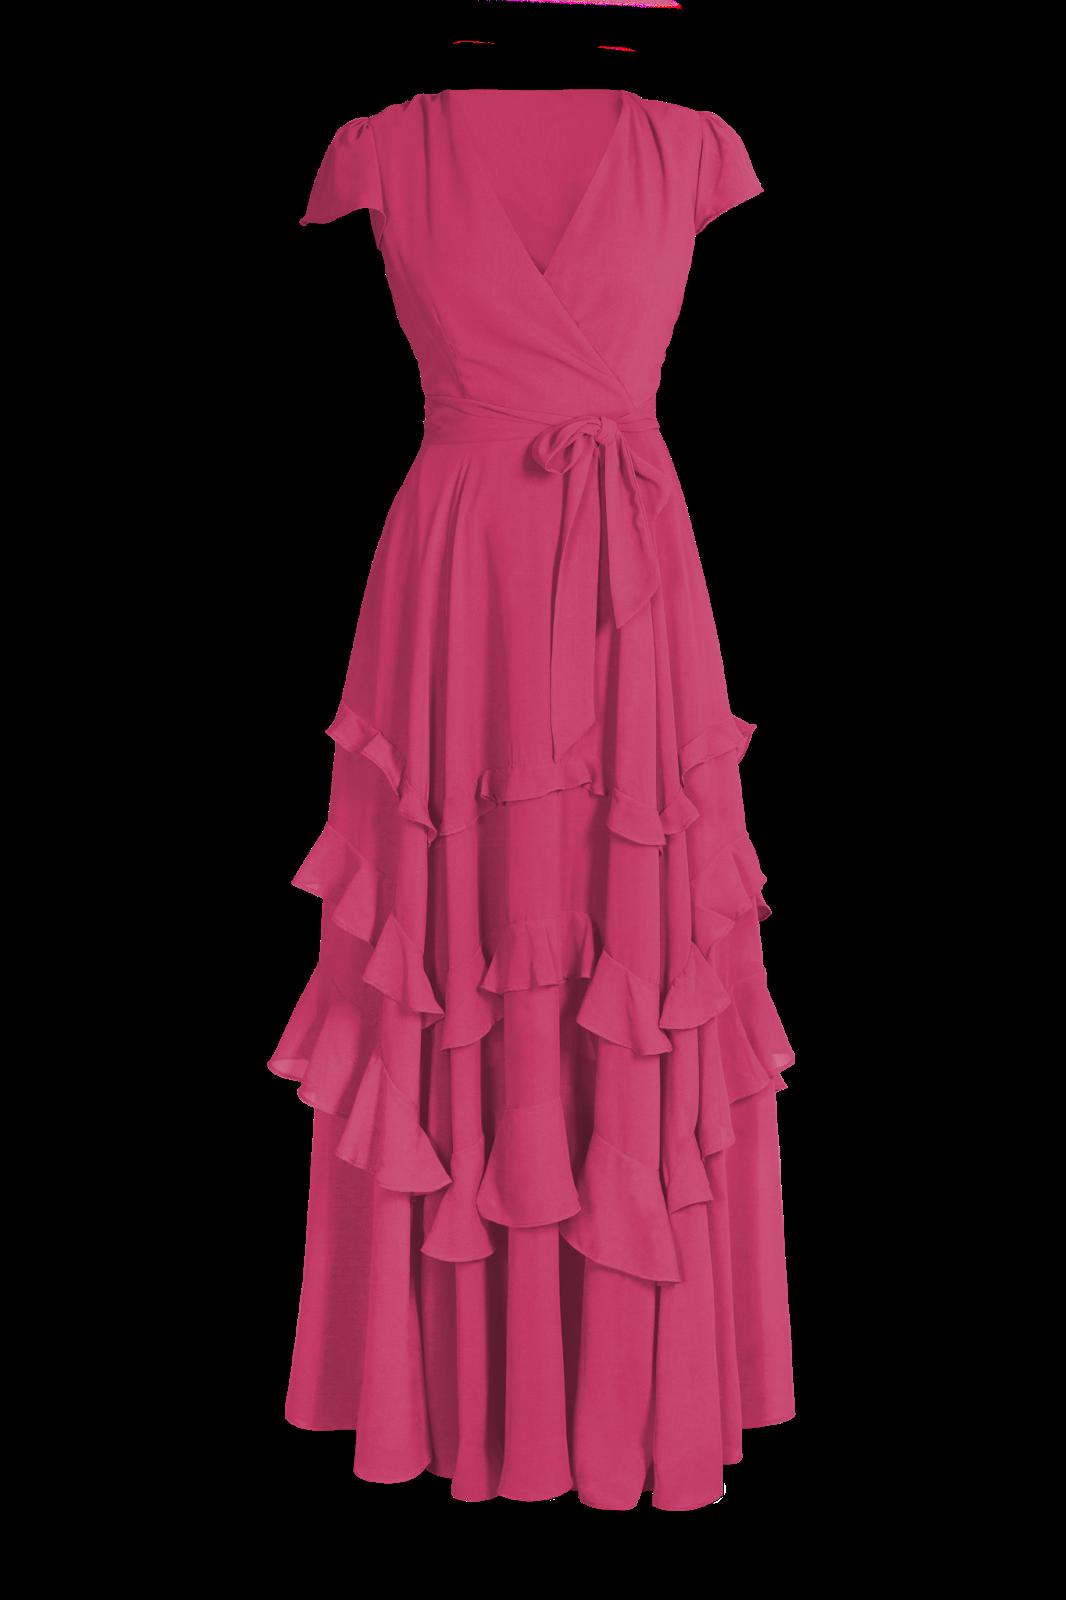 Increíble Vestidos De Cóctel Fluidas Friso - Colección de Vestidos ...